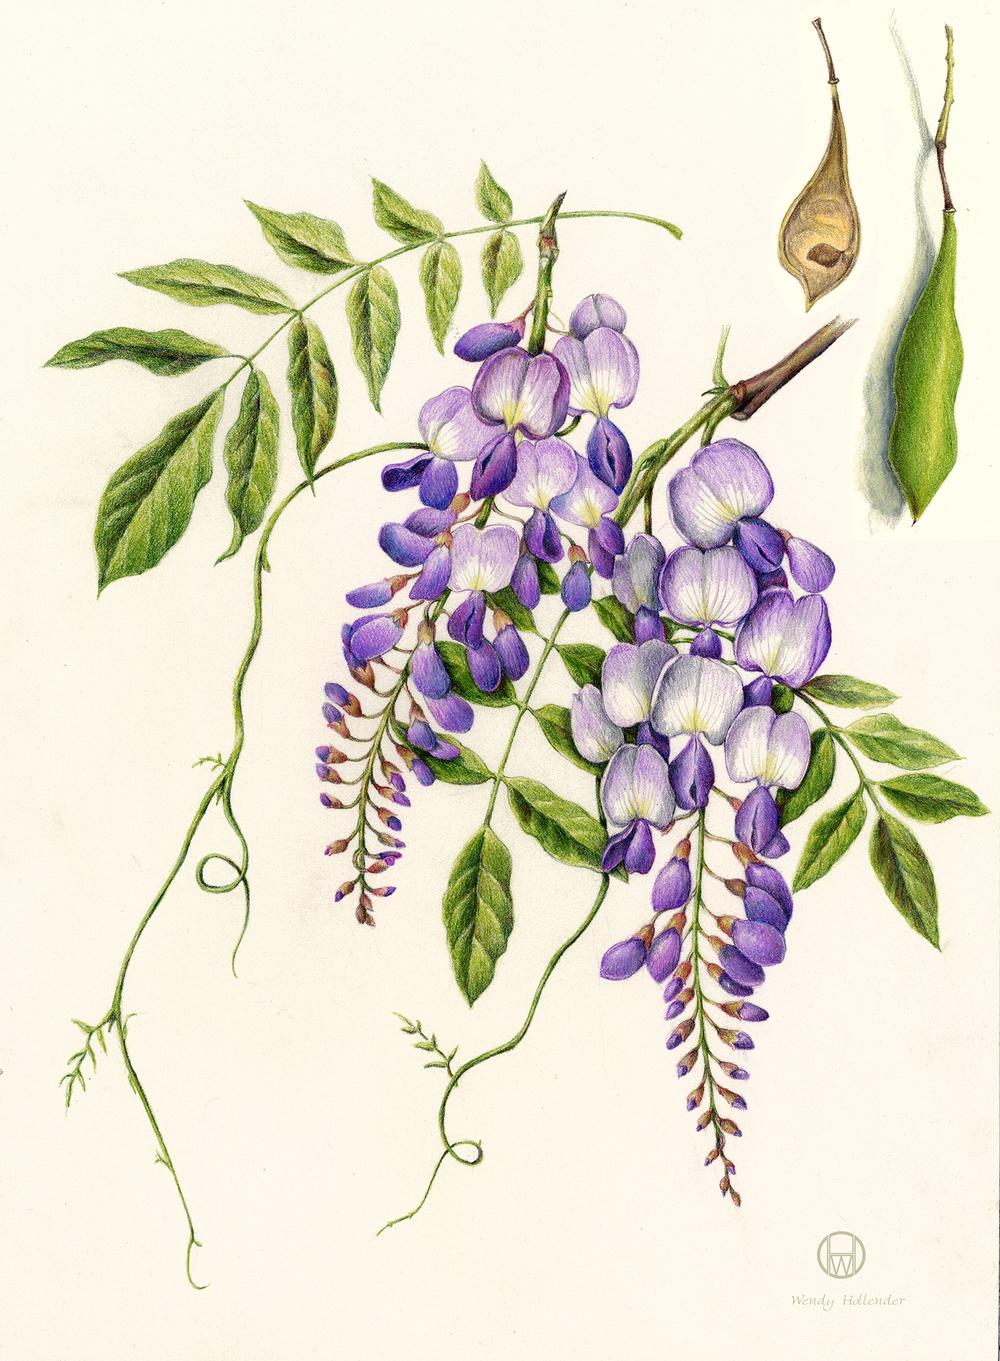 Wisteria - Wisteria sinensis